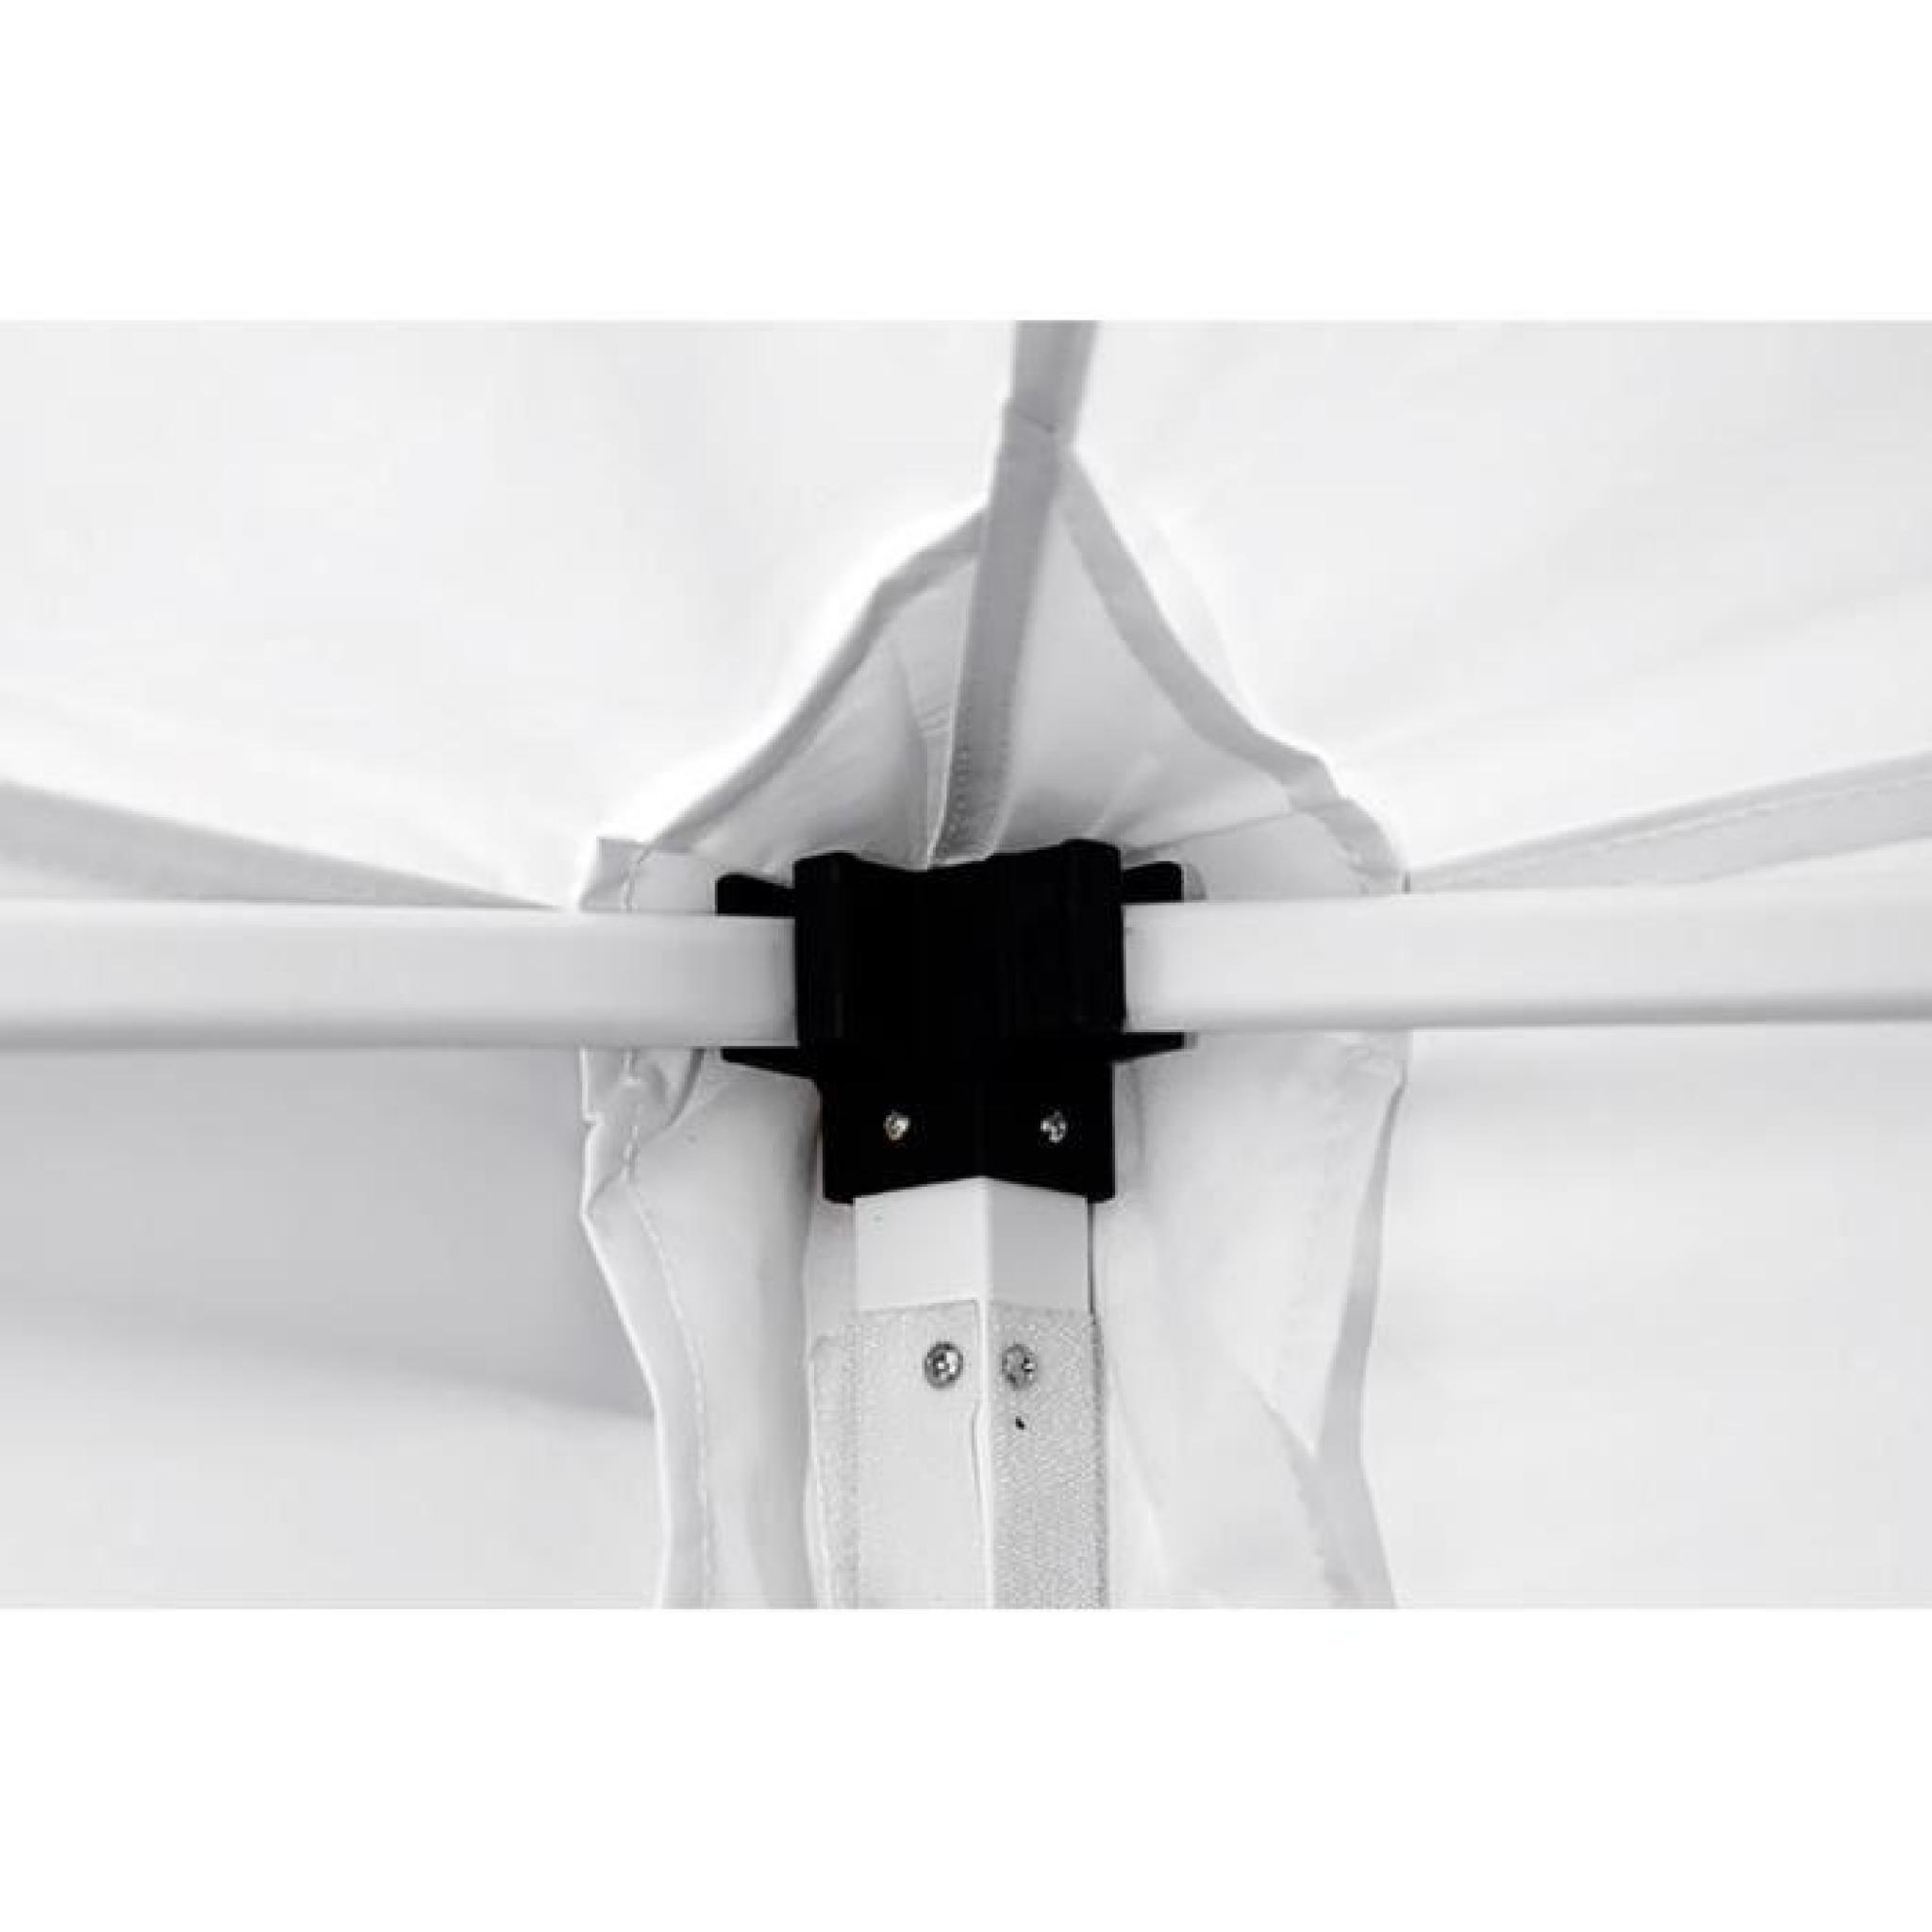 interouge barnum chapiteau tonnelle tente pliante m dium acier 32mm 3x6m totalement imperm able. Black Bedroom Furniture Sets. Home Design Ideas